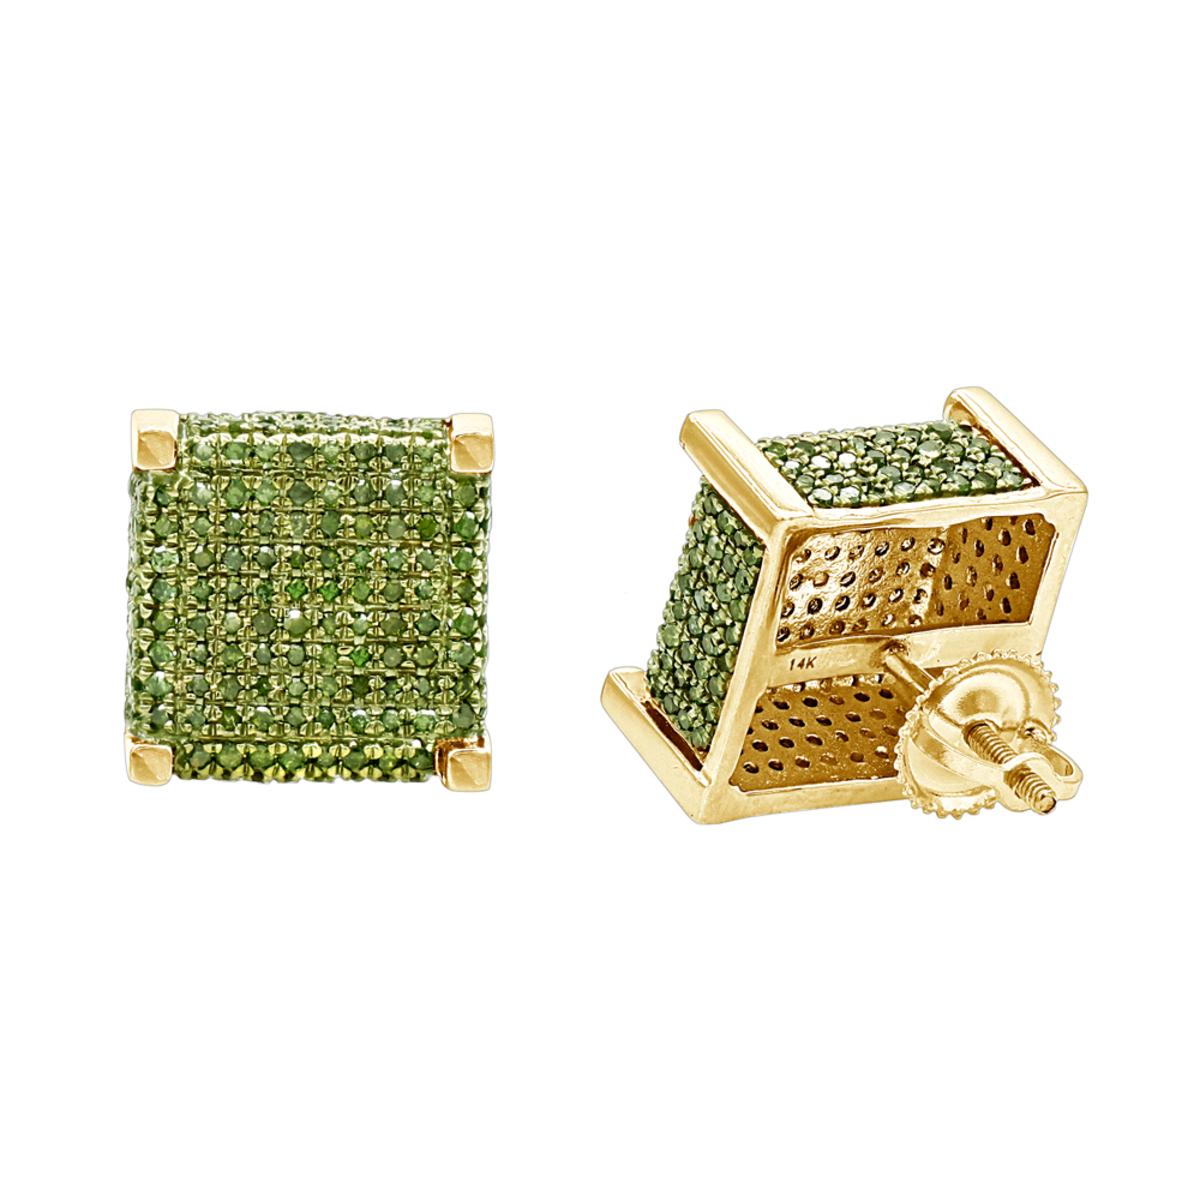 14K Gold Square Green Diamond Stud Earrings 1.3ct by Luxurman